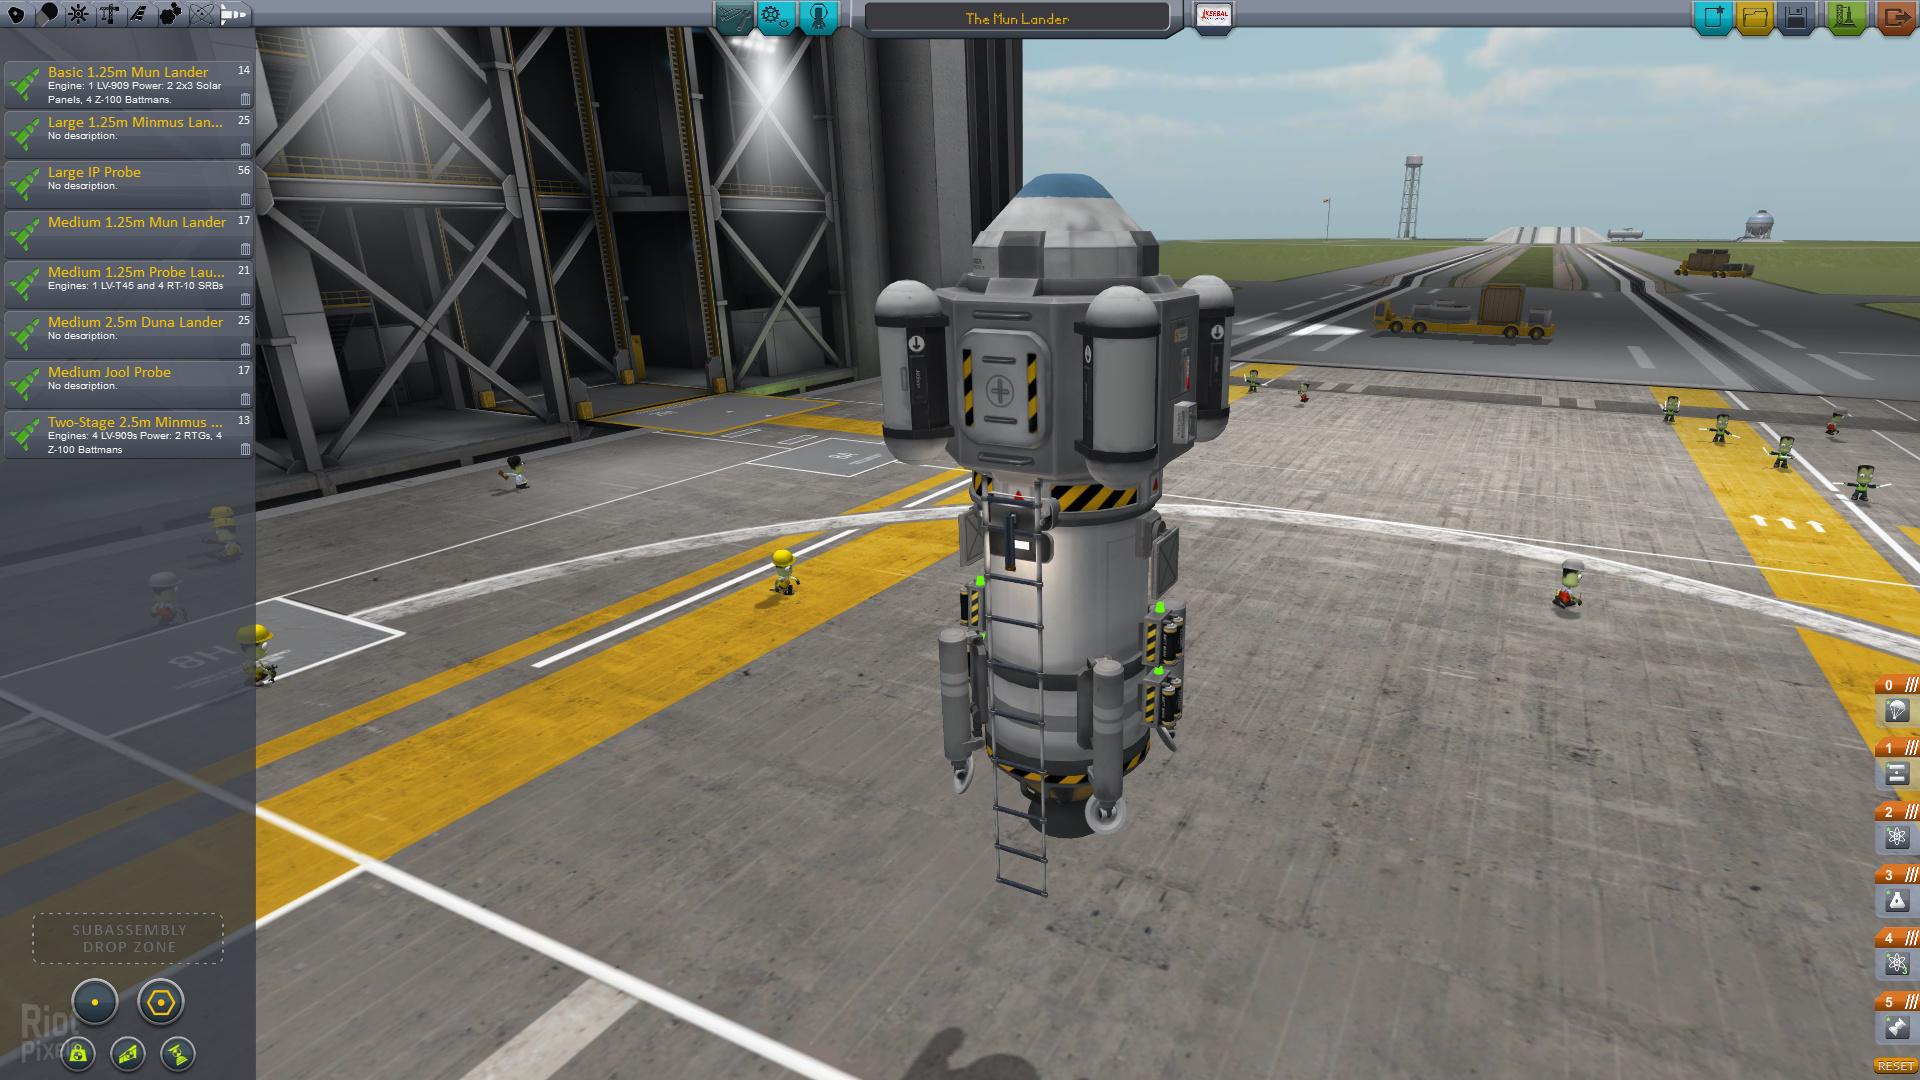 Raketenhangar mit einer unfertigen Rakete, die gerade zusammengebaut wird